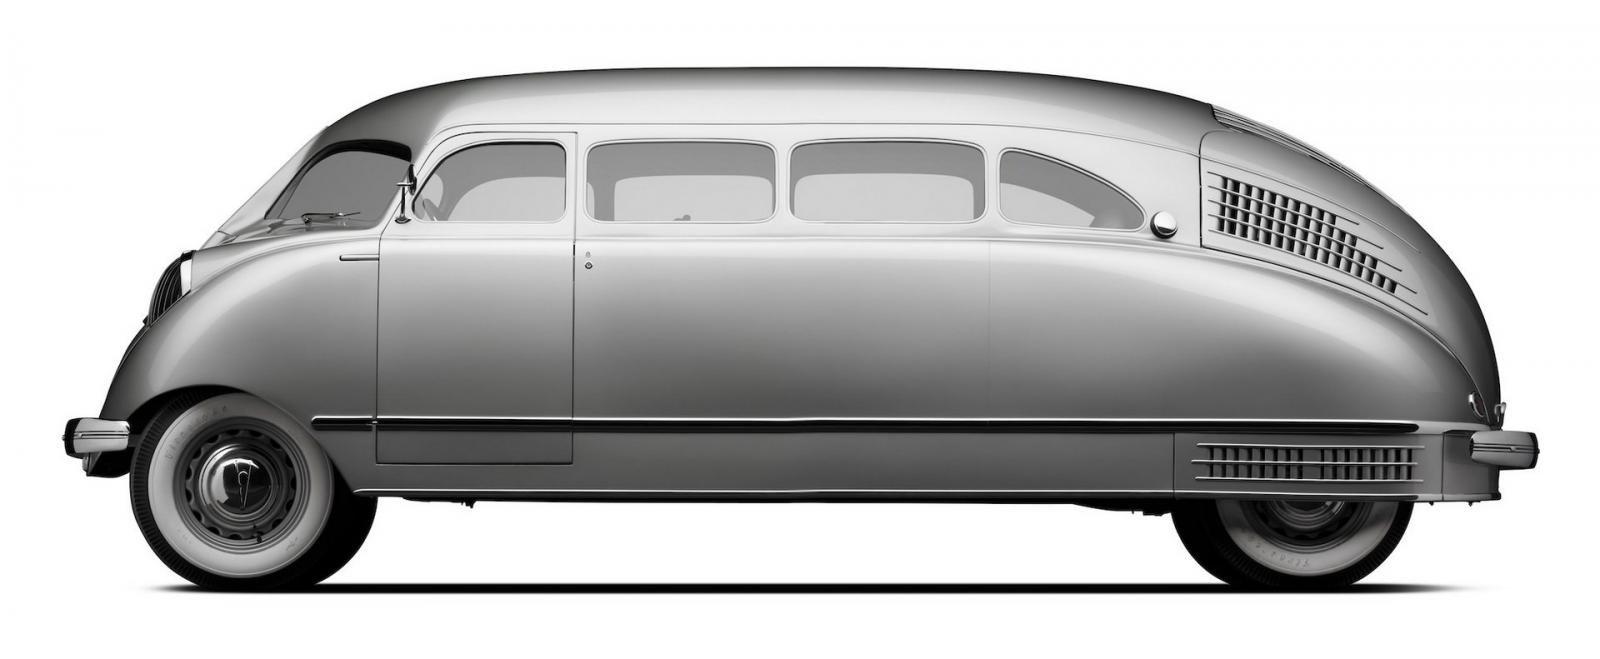 Stout Scarab 1936 - Chiếc minivan đầu tiên trên thế giới từng tham gia Thế chiến 2 a4